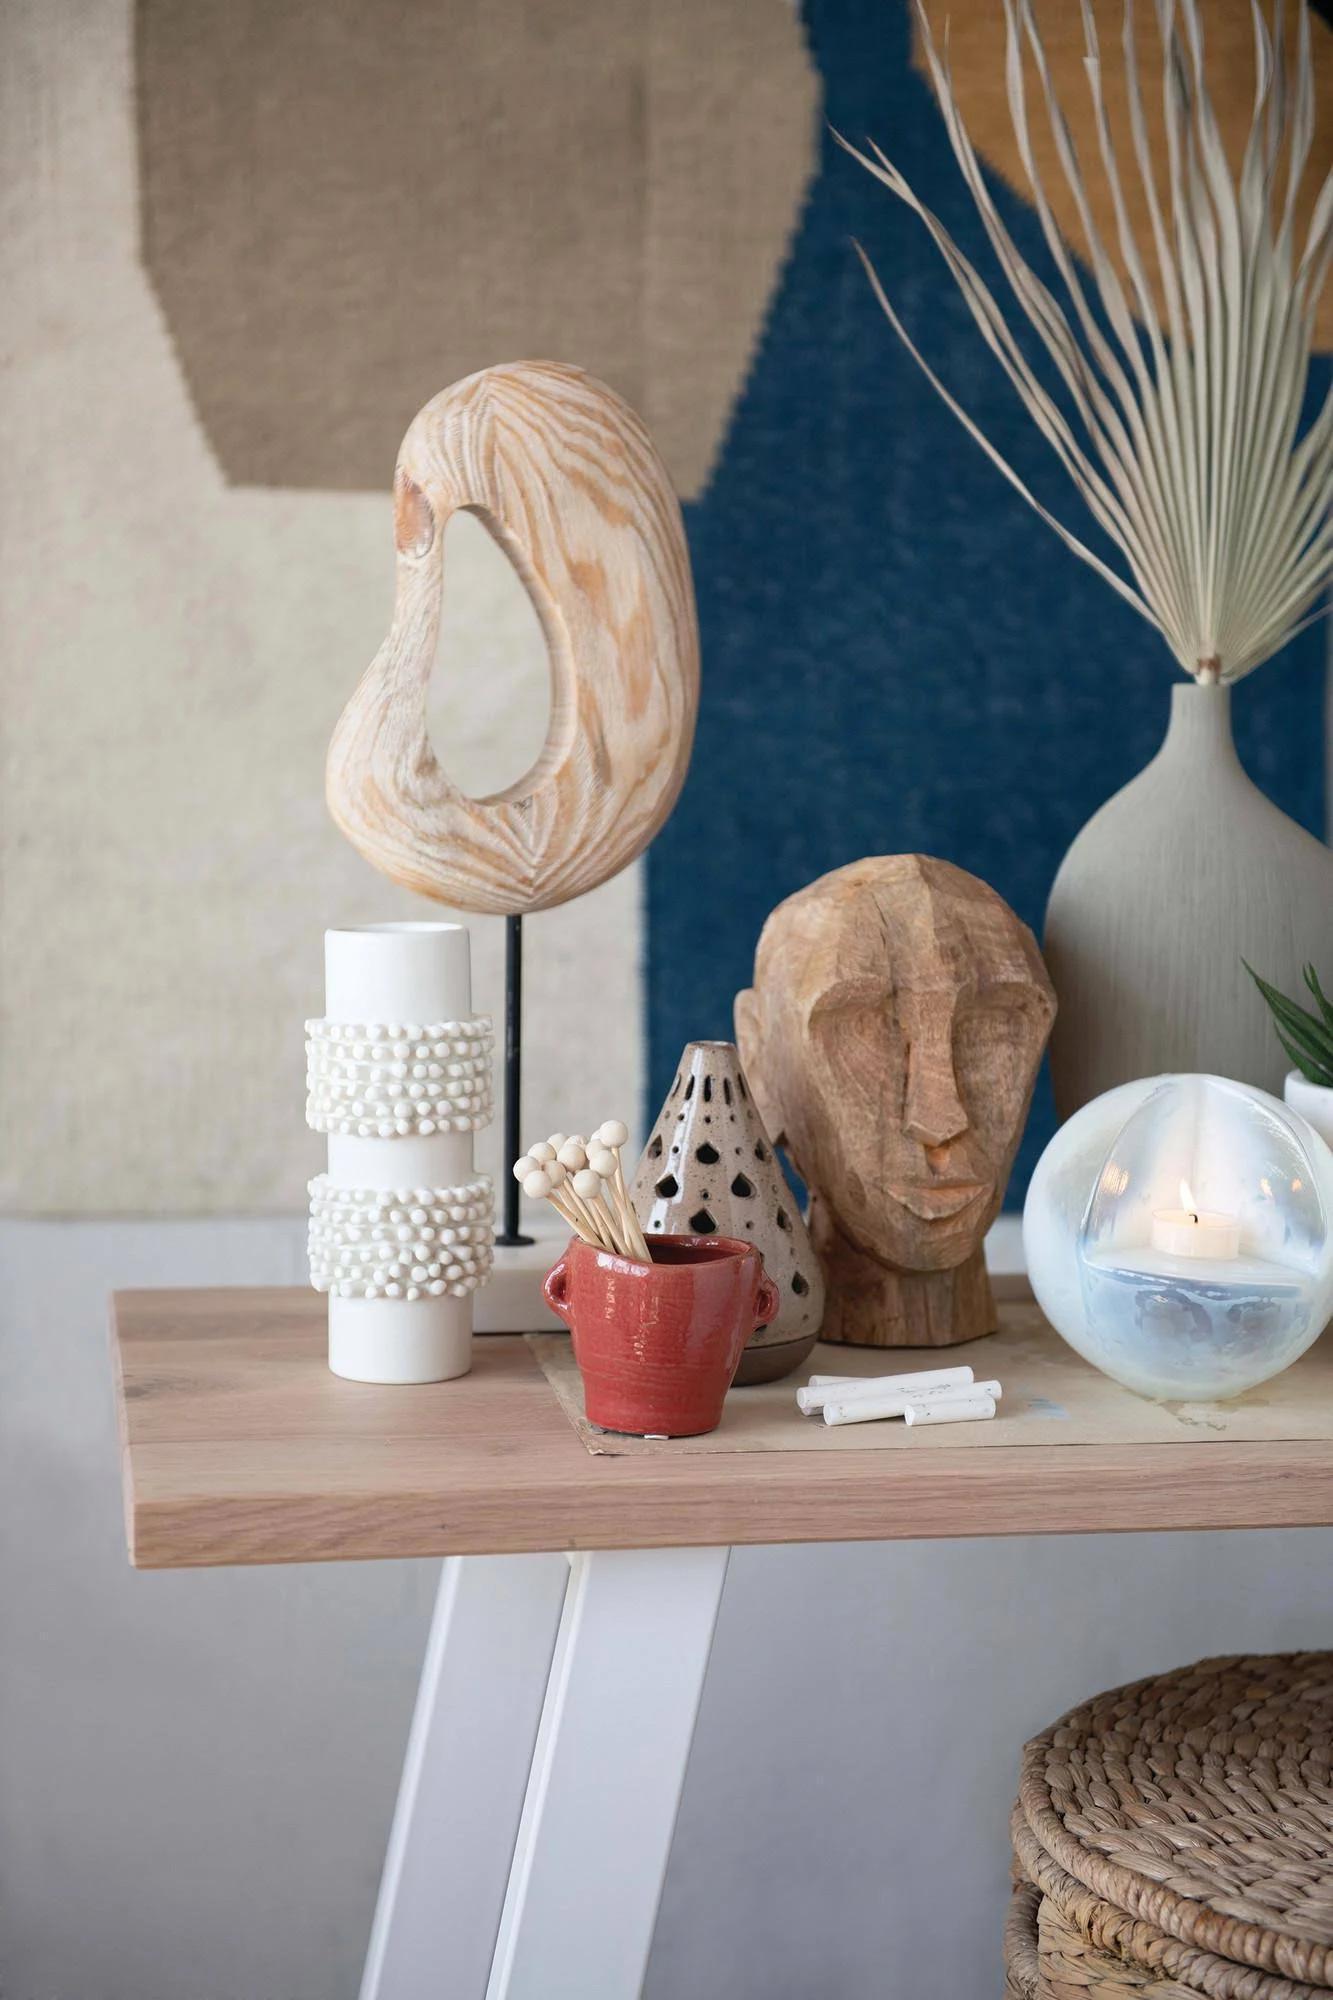 Runa Hand-Carved Wooden Sculpture